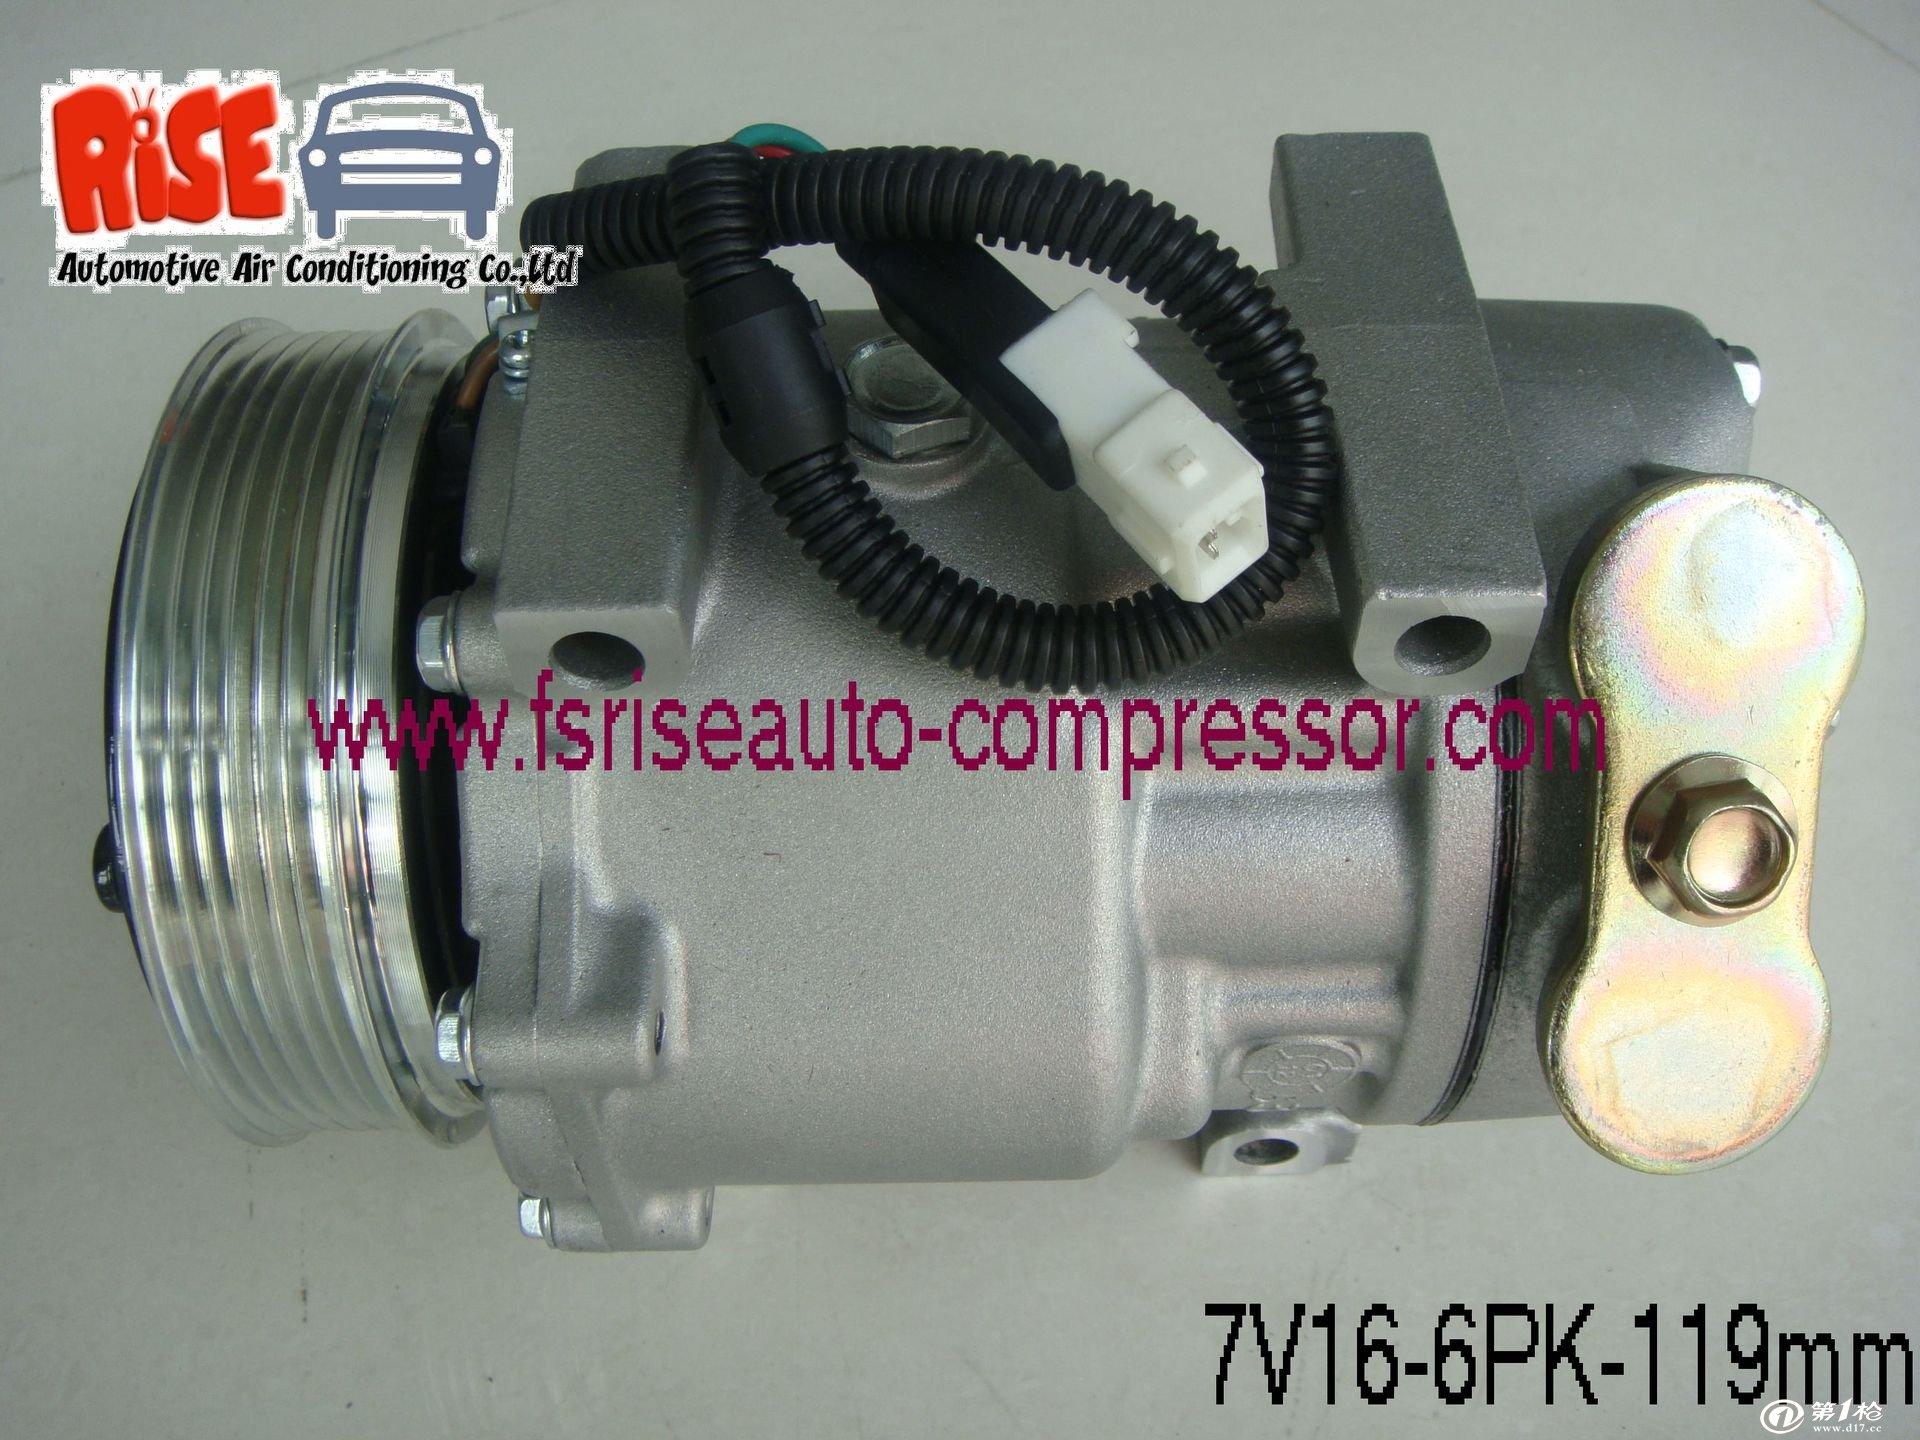 供应7v16 毕加索 2.0 汽车空调压缩机 厂价直销 240